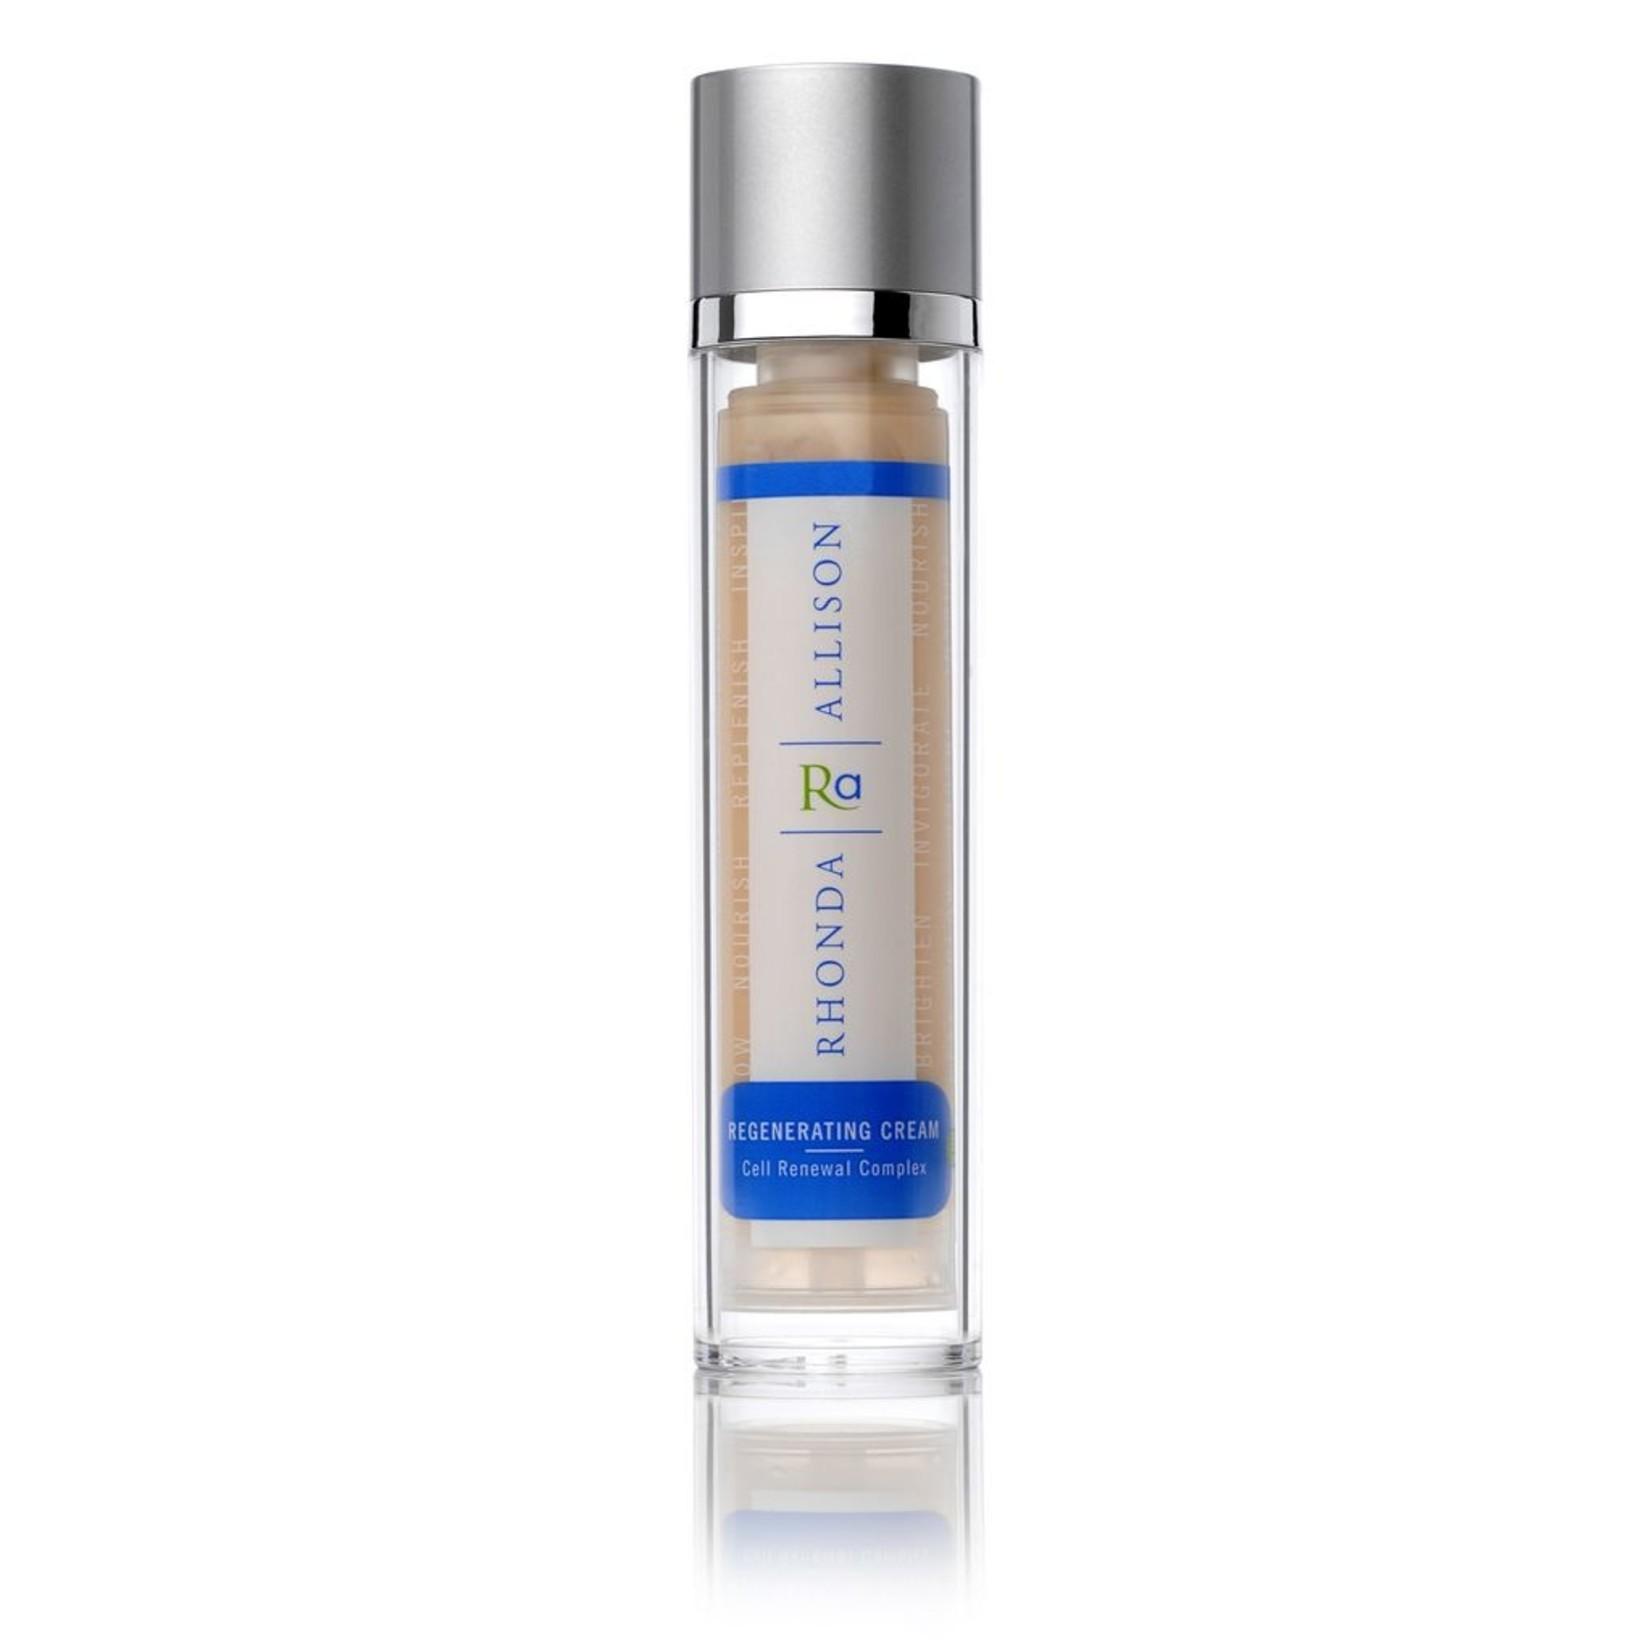 Regenerating Cream 50ml - Vita Age Defy cream